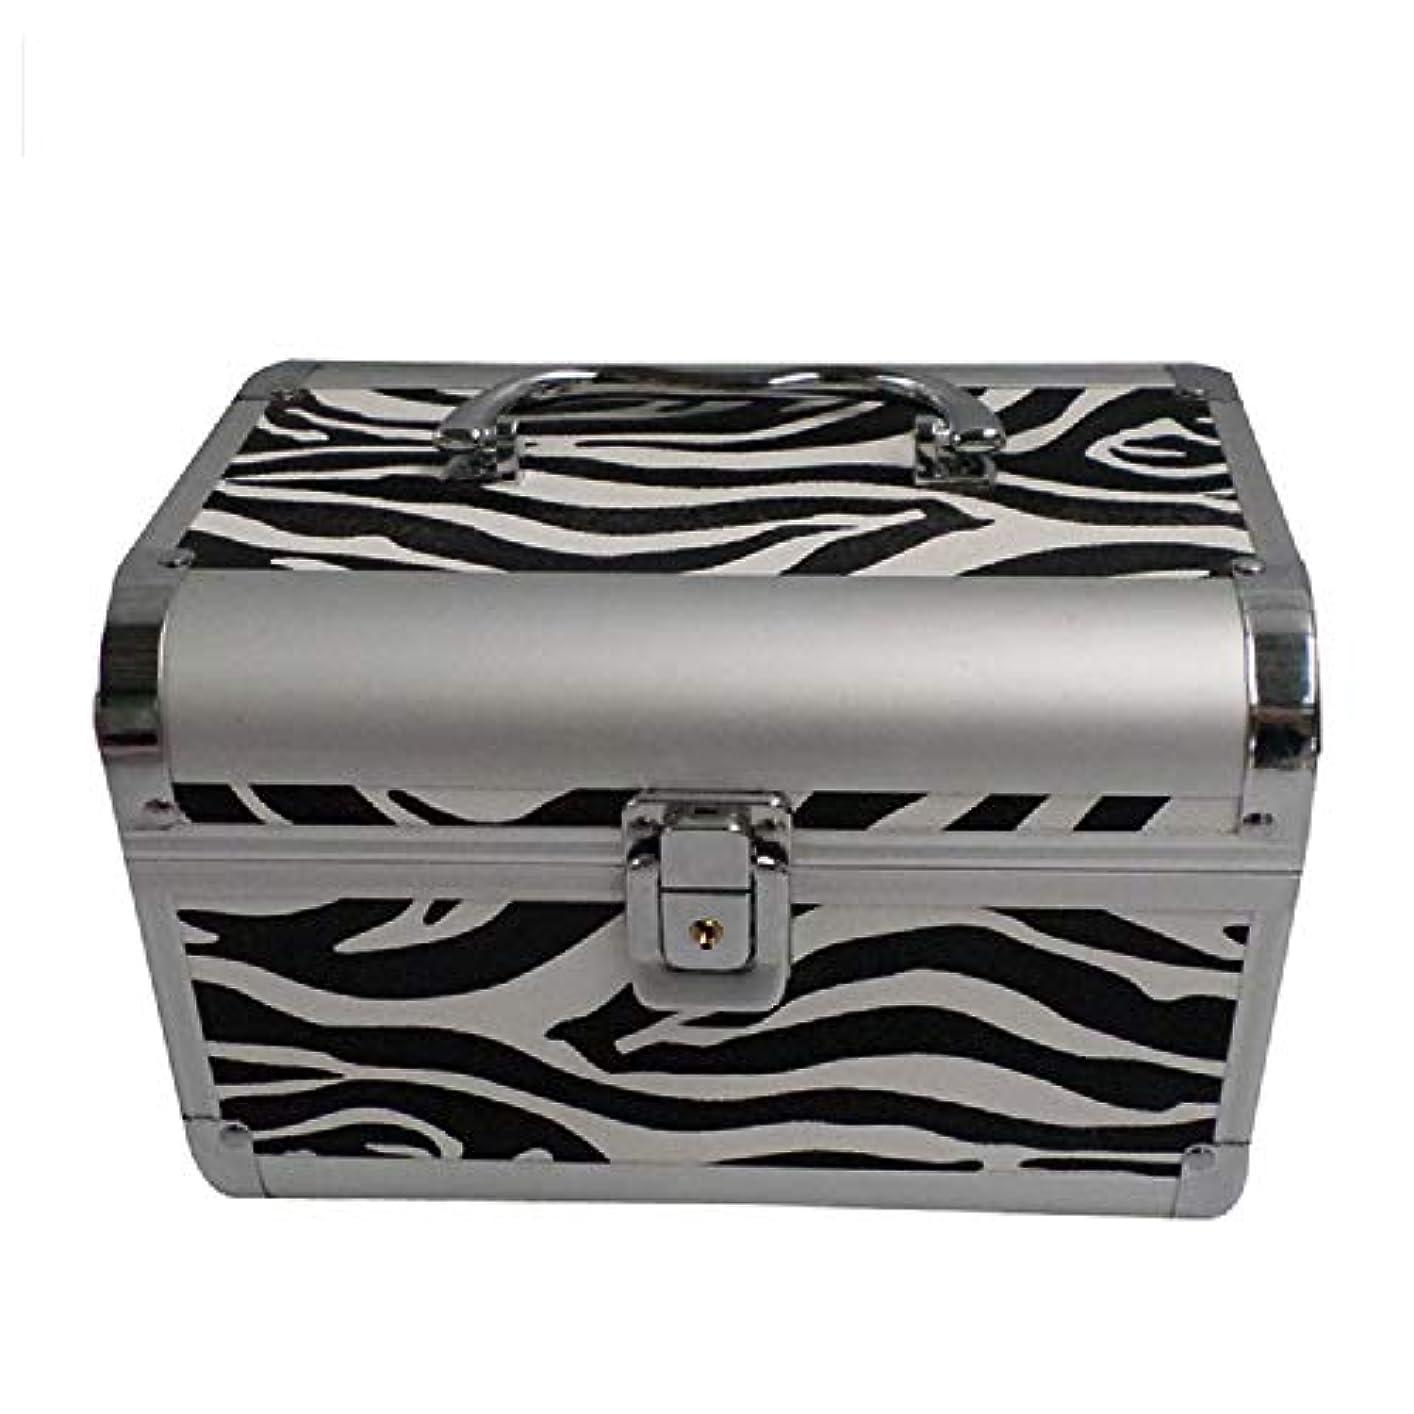 化粧オーガナイザーバッグ ゼブラストライプ旅行用アクセサリーのポータブル化粧ケースシャンプーボディウォッシュパーソナルアイテムロックとハンドル付き収納 化粧品ケース